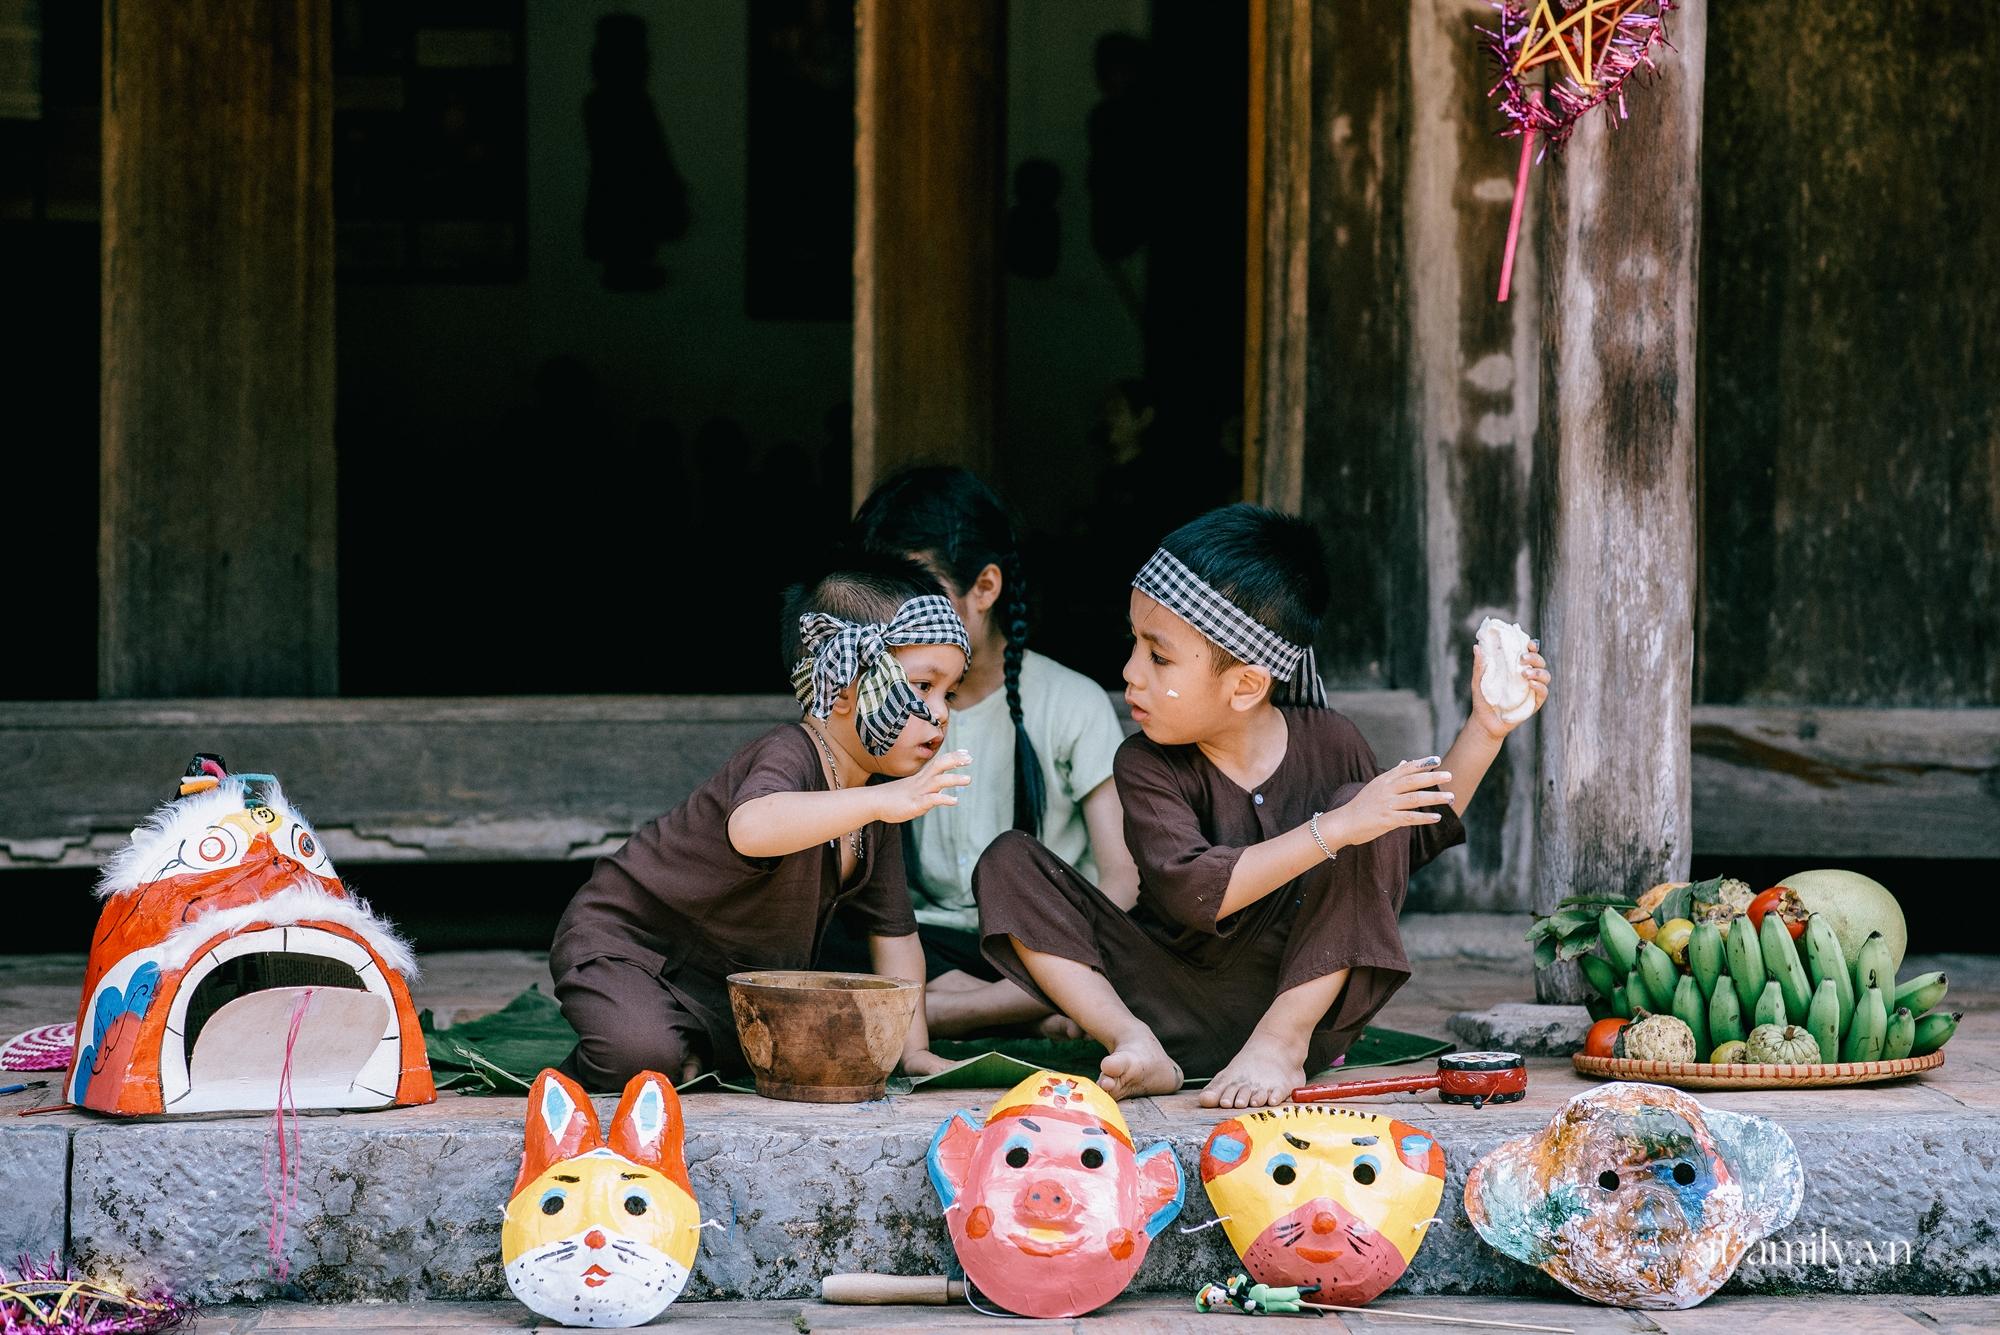 Trung thu cũ xưa ngay giữa lòng Hà Nội, nơi các em nhỏ được tận hưởng niềm vui còn bố mẹ thì được trở lại tuổi thơ chỉ với 40.000 đồng - Ảnh 5.